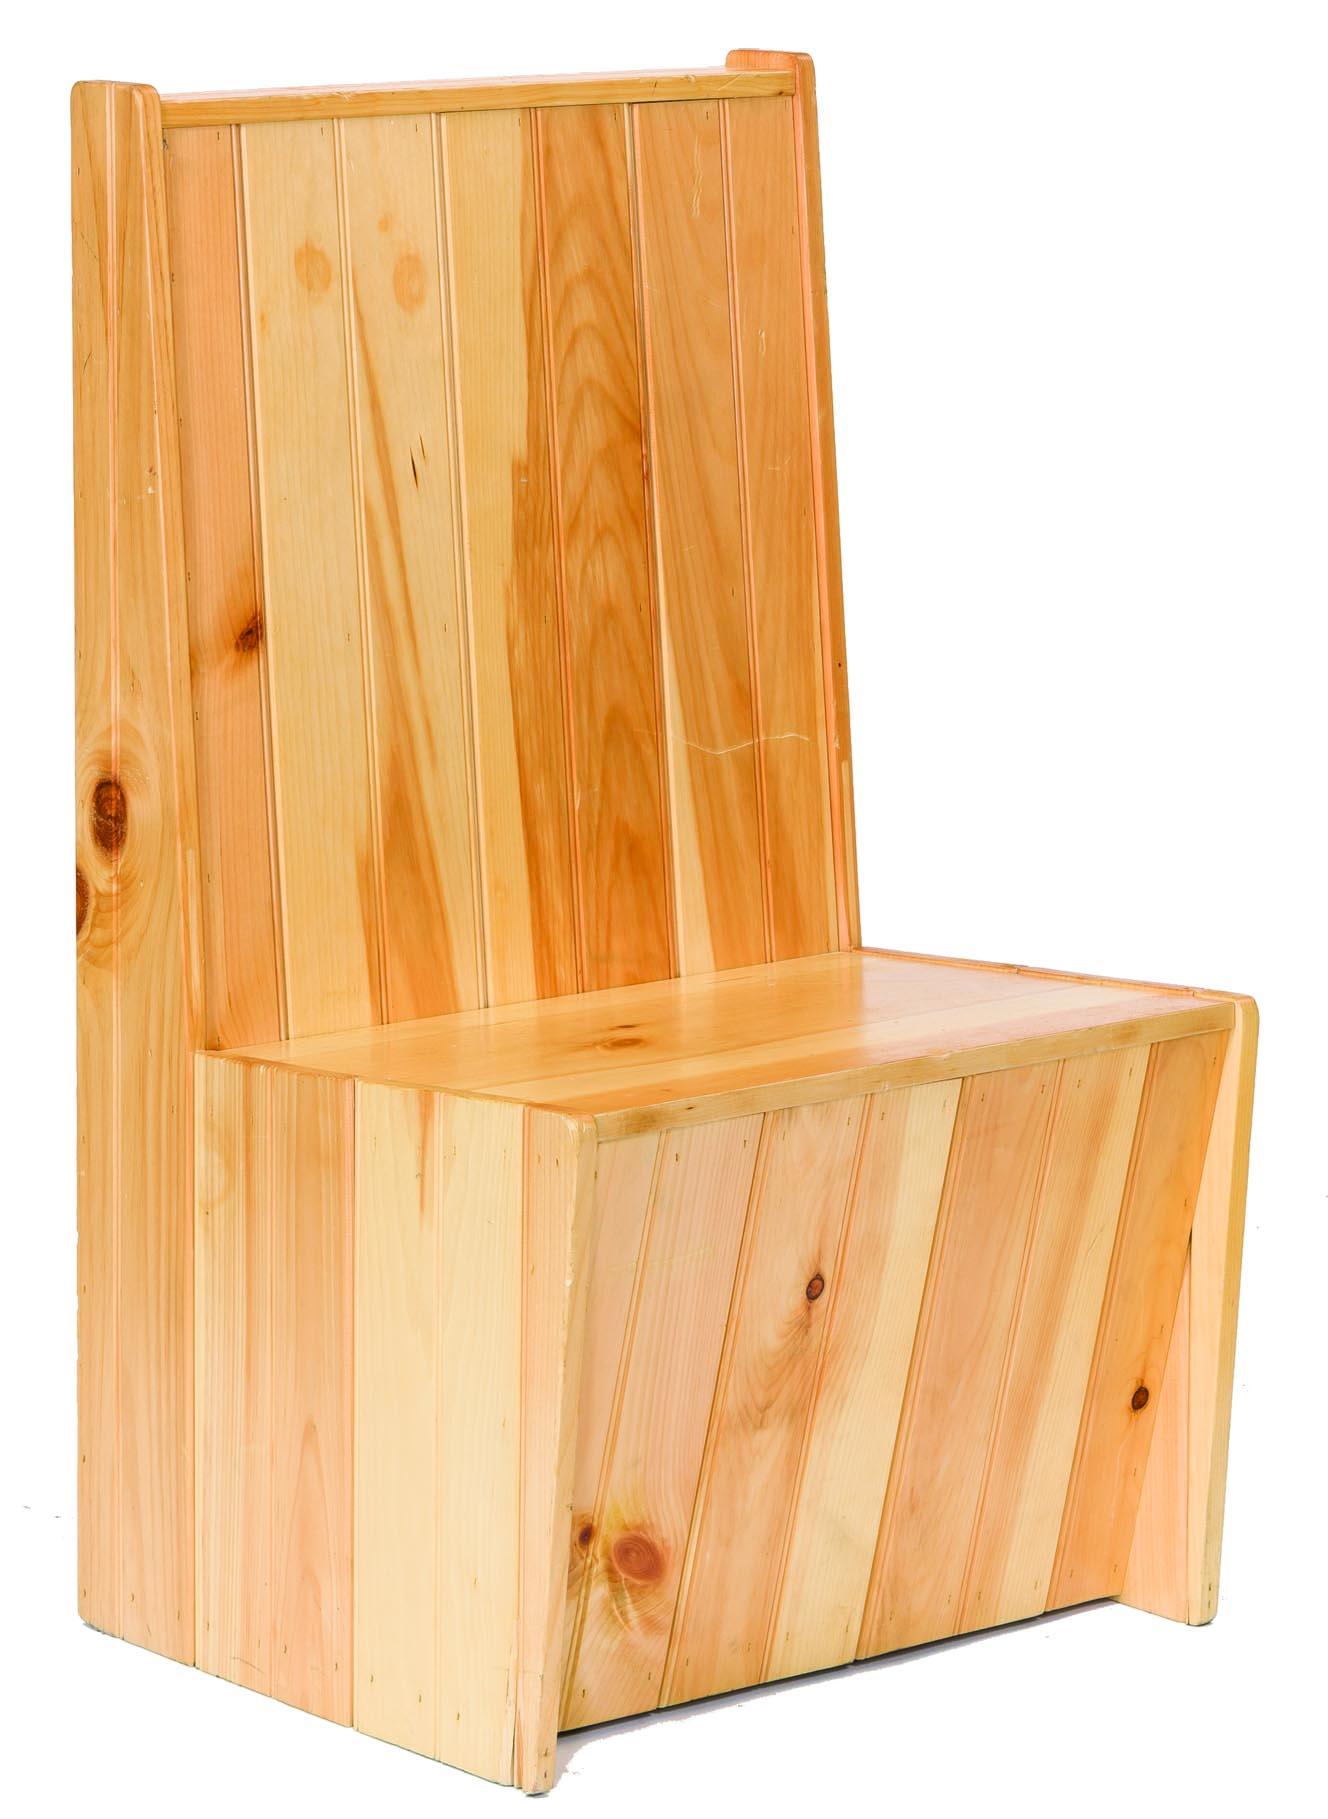 #7400 All Wood